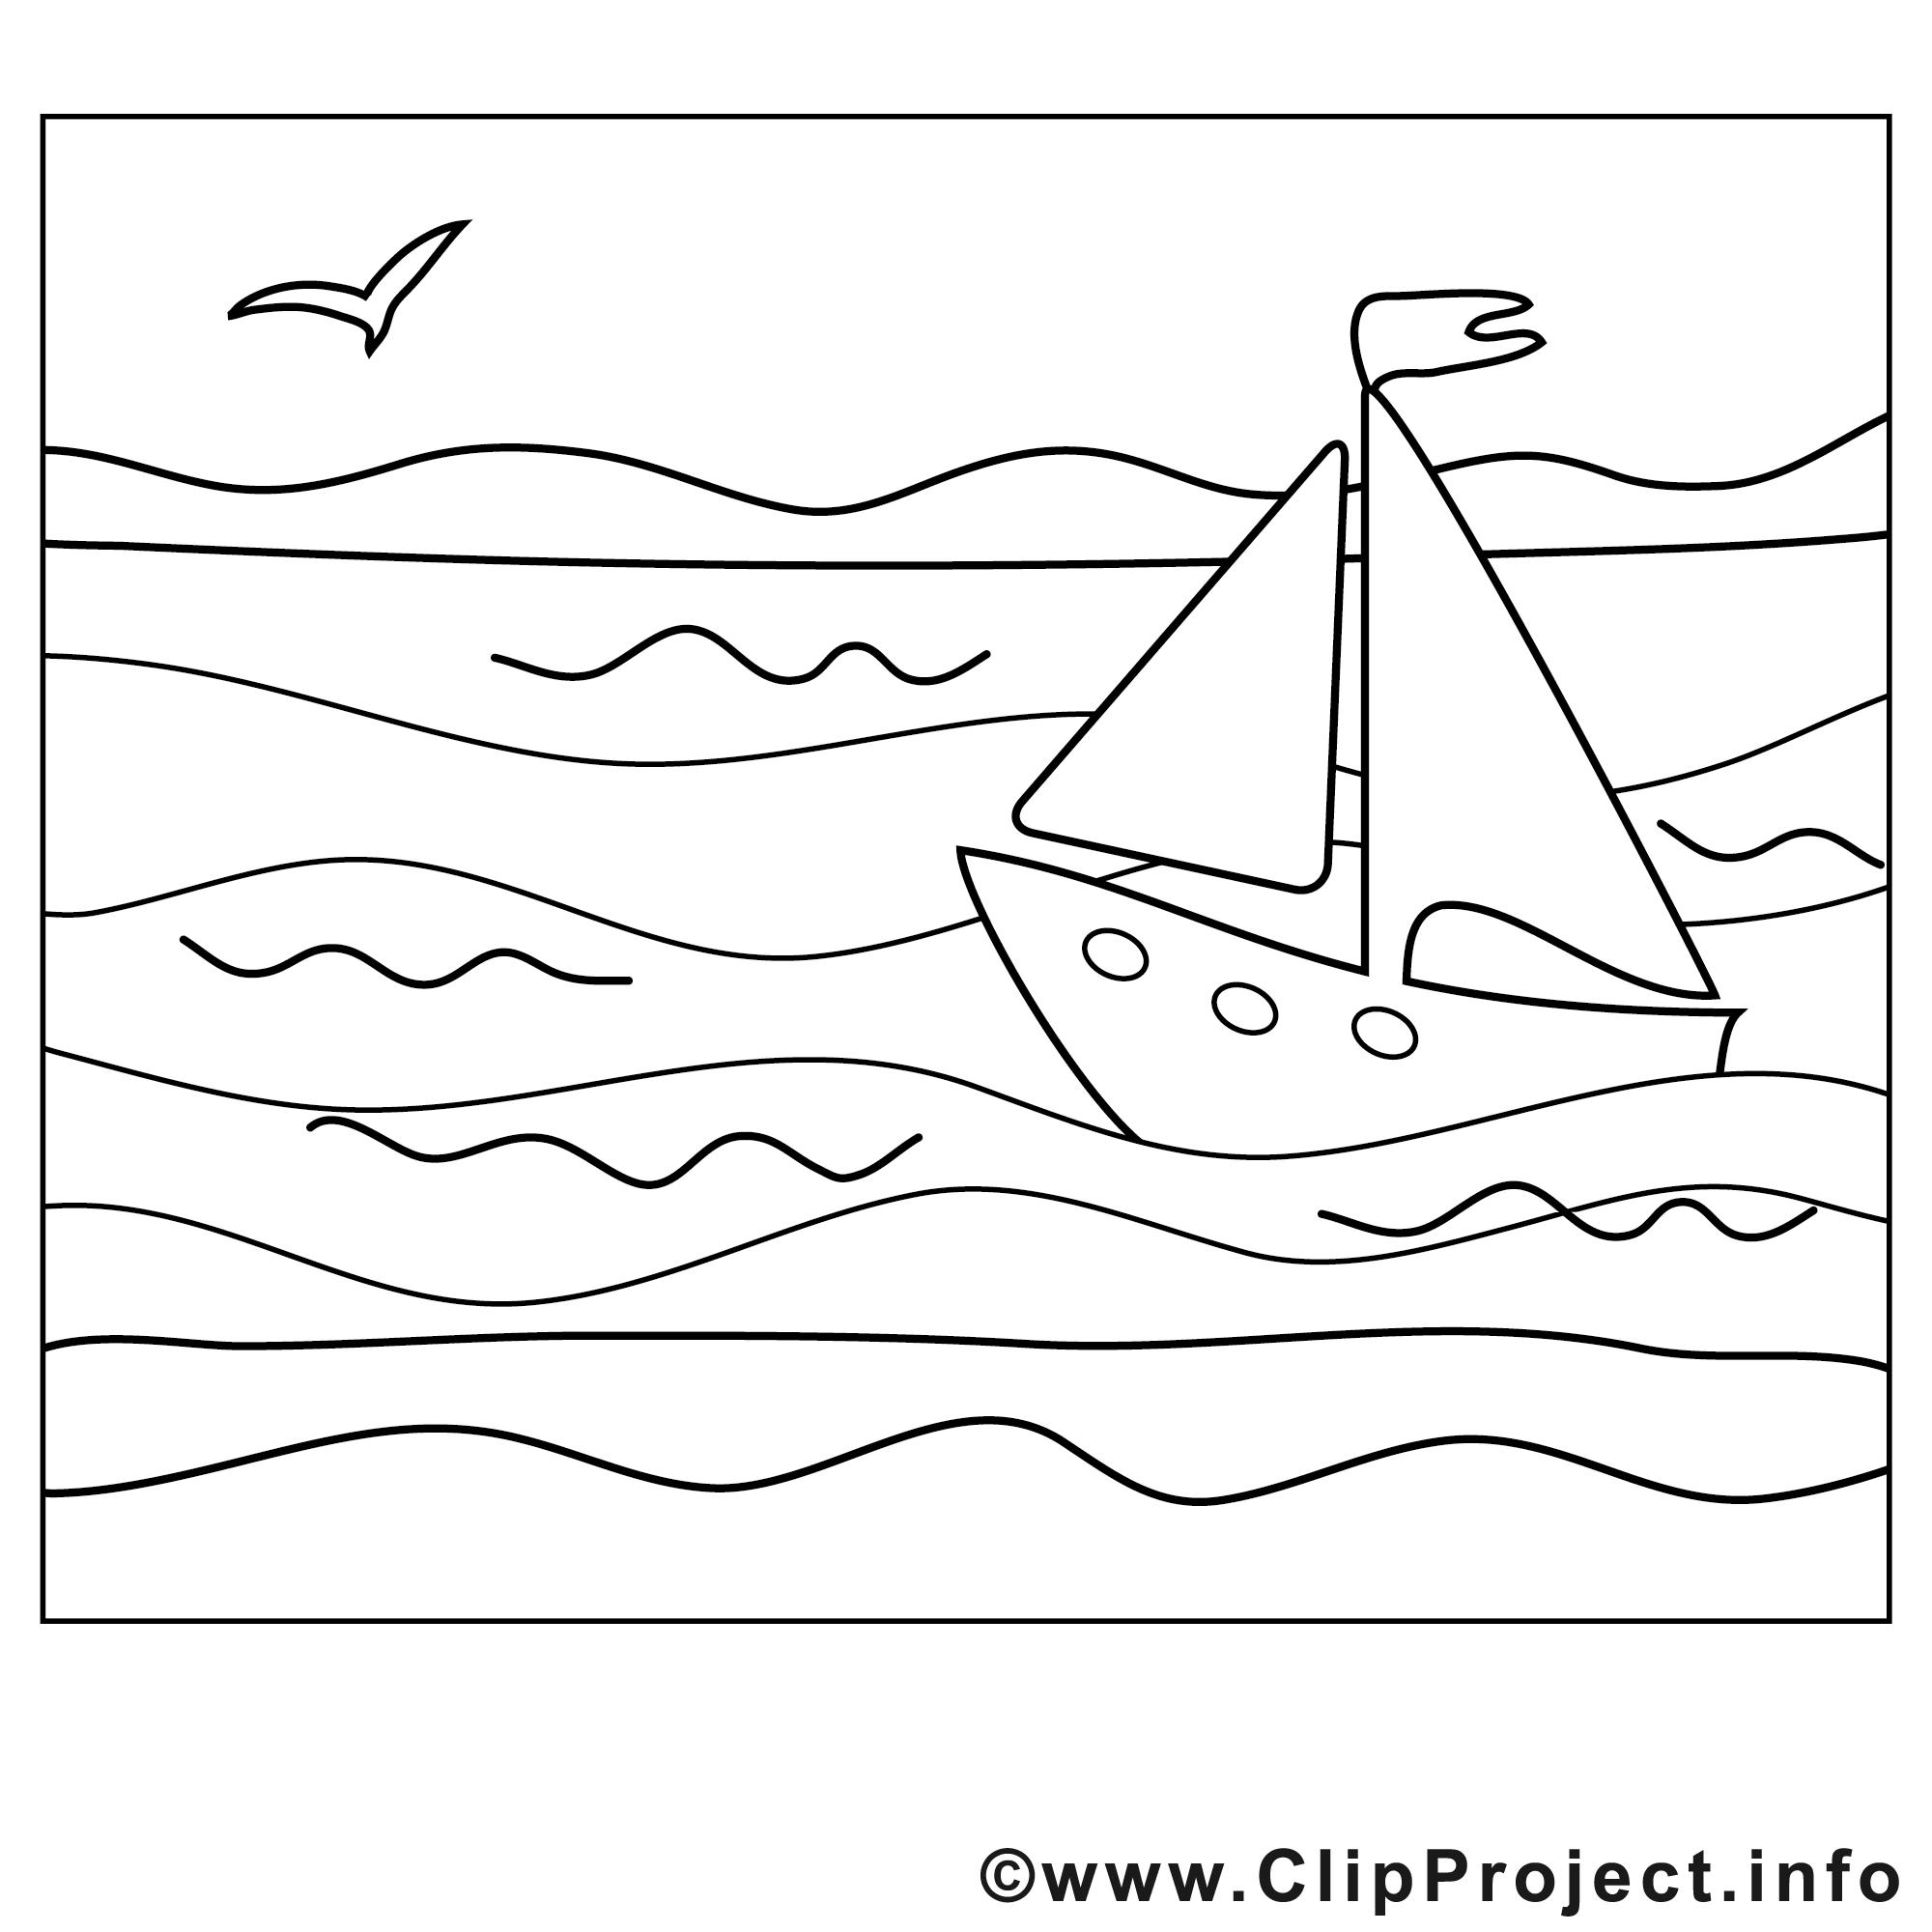 Bateau Mer Image été Images à Colorier été Coloriages Dessin